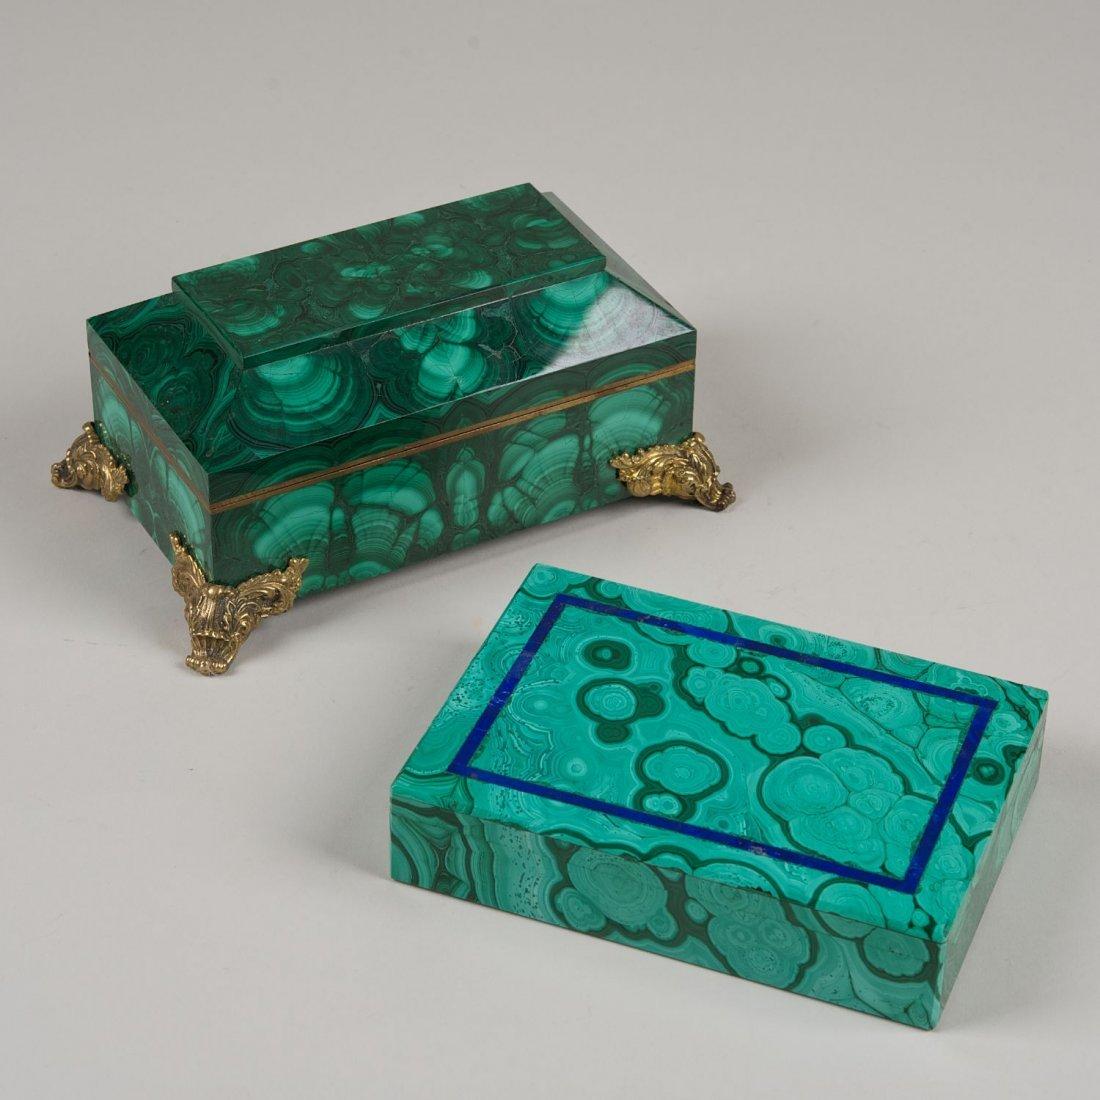 (2) contemporary malachite boxes